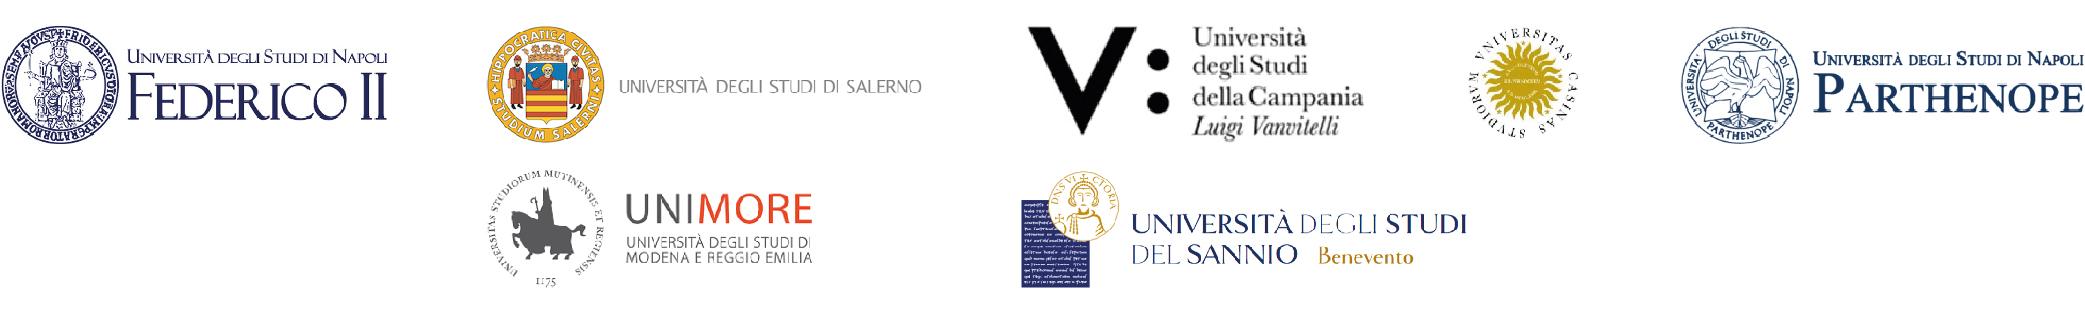 Partner universitari: Università di Napoli Federico II, Università degli studi di Salerno Unisa, Università di Napoli Vanvitelli, Università di Cassino